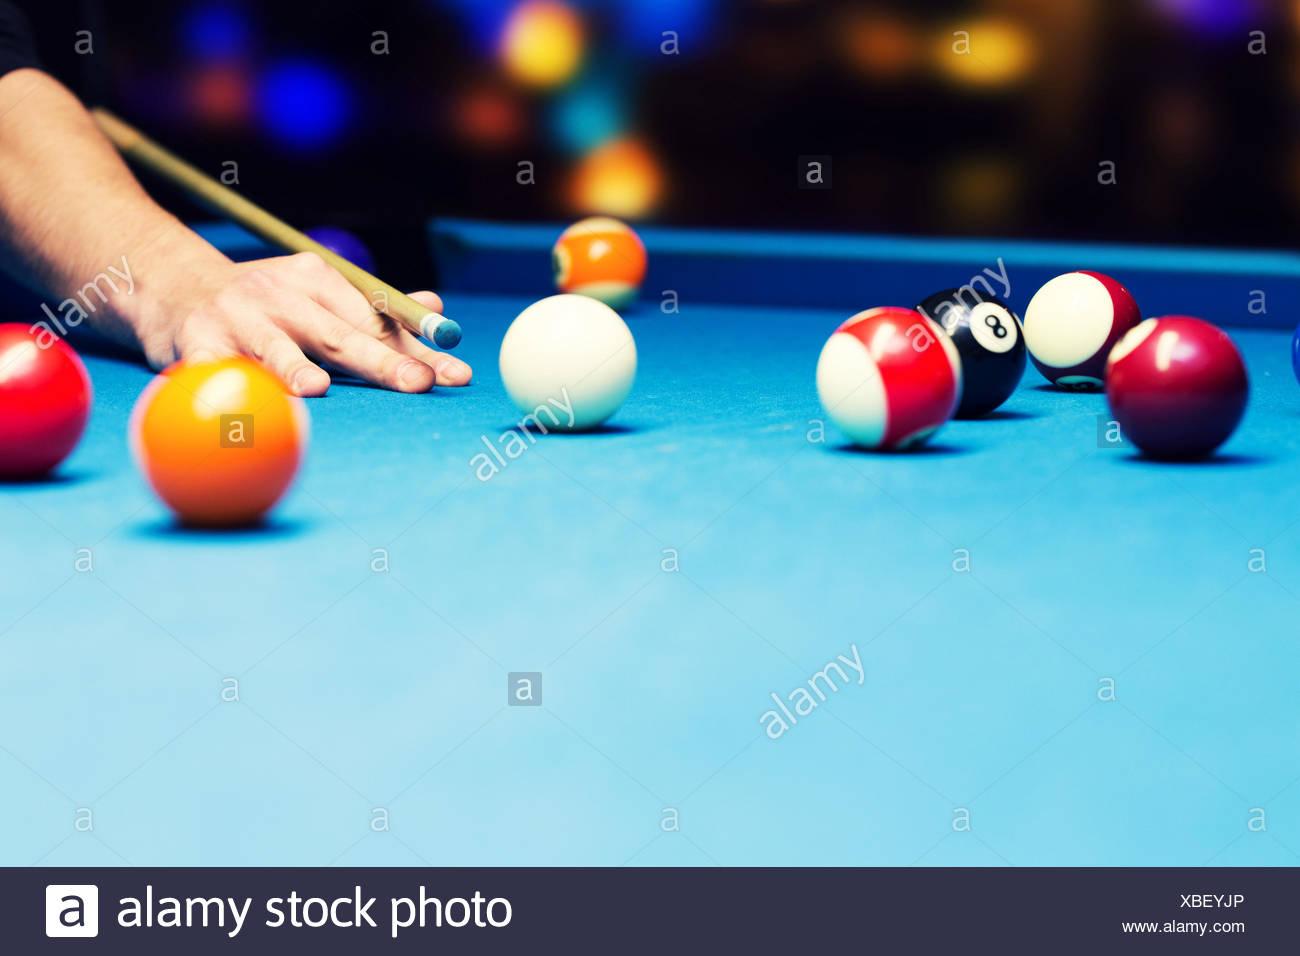 Bar - Jeux Billard Pool Banque D'images, Photo Stock tout Jeux De Biyare